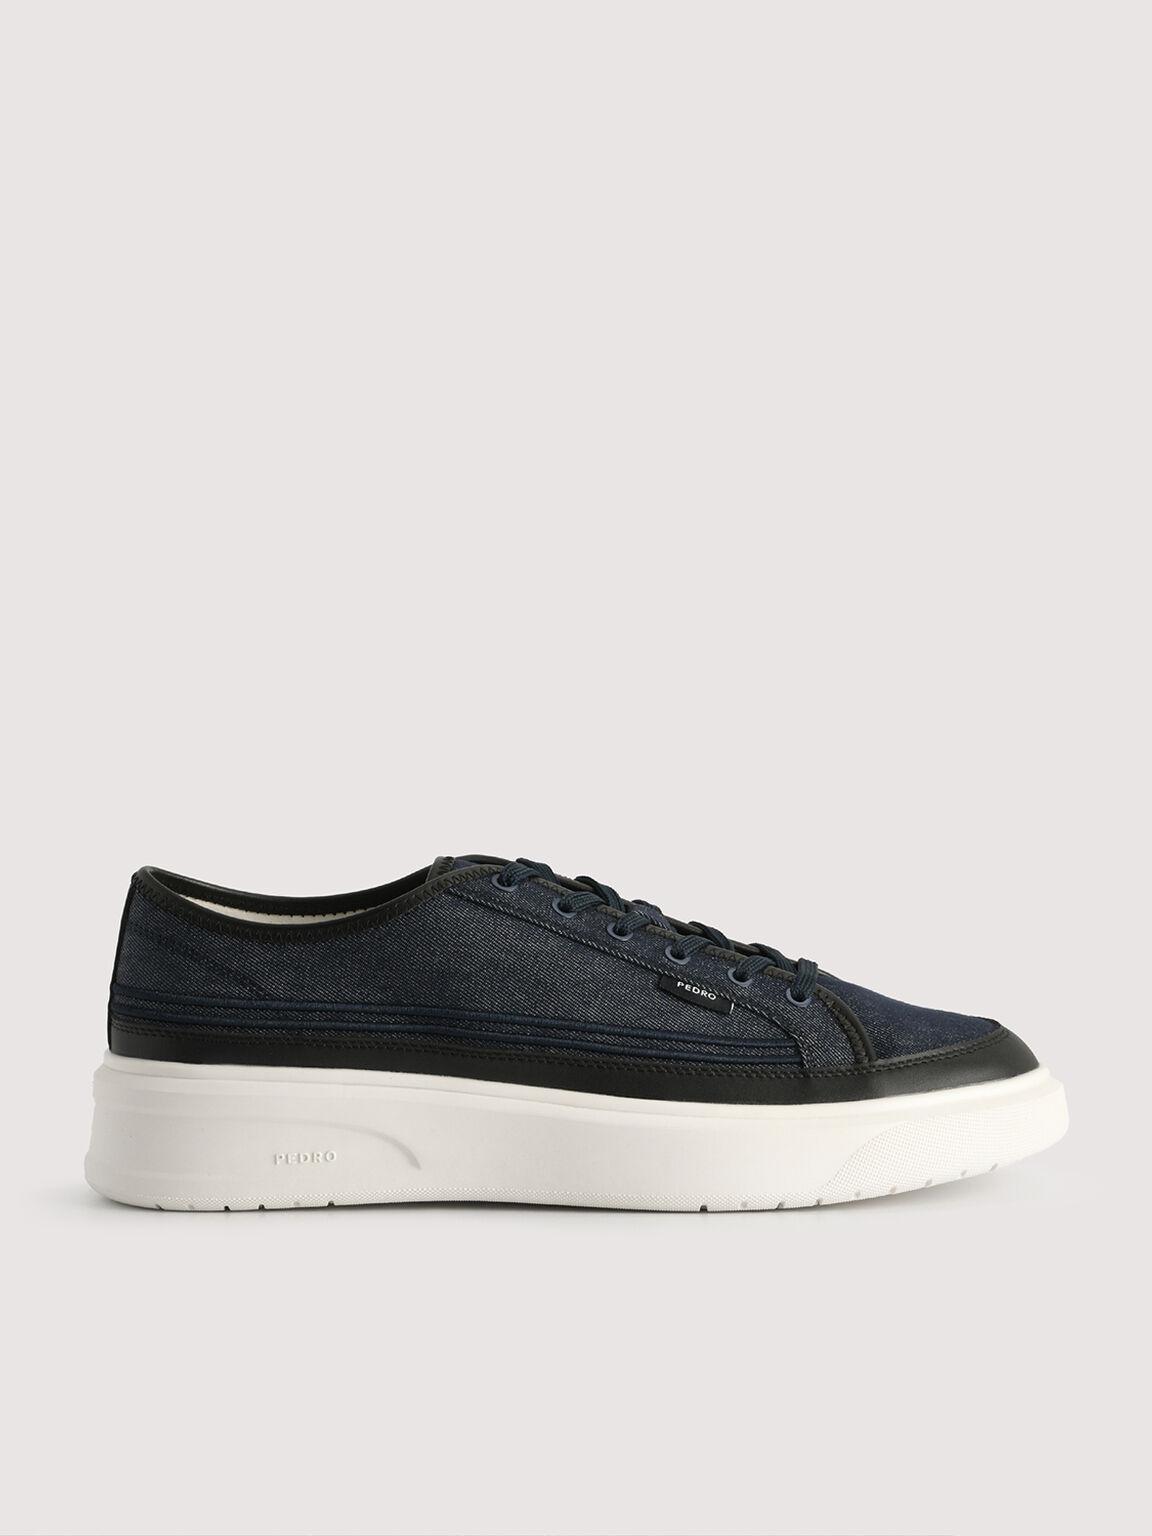 環保運動球鞋, 海军蓝色, hi-res